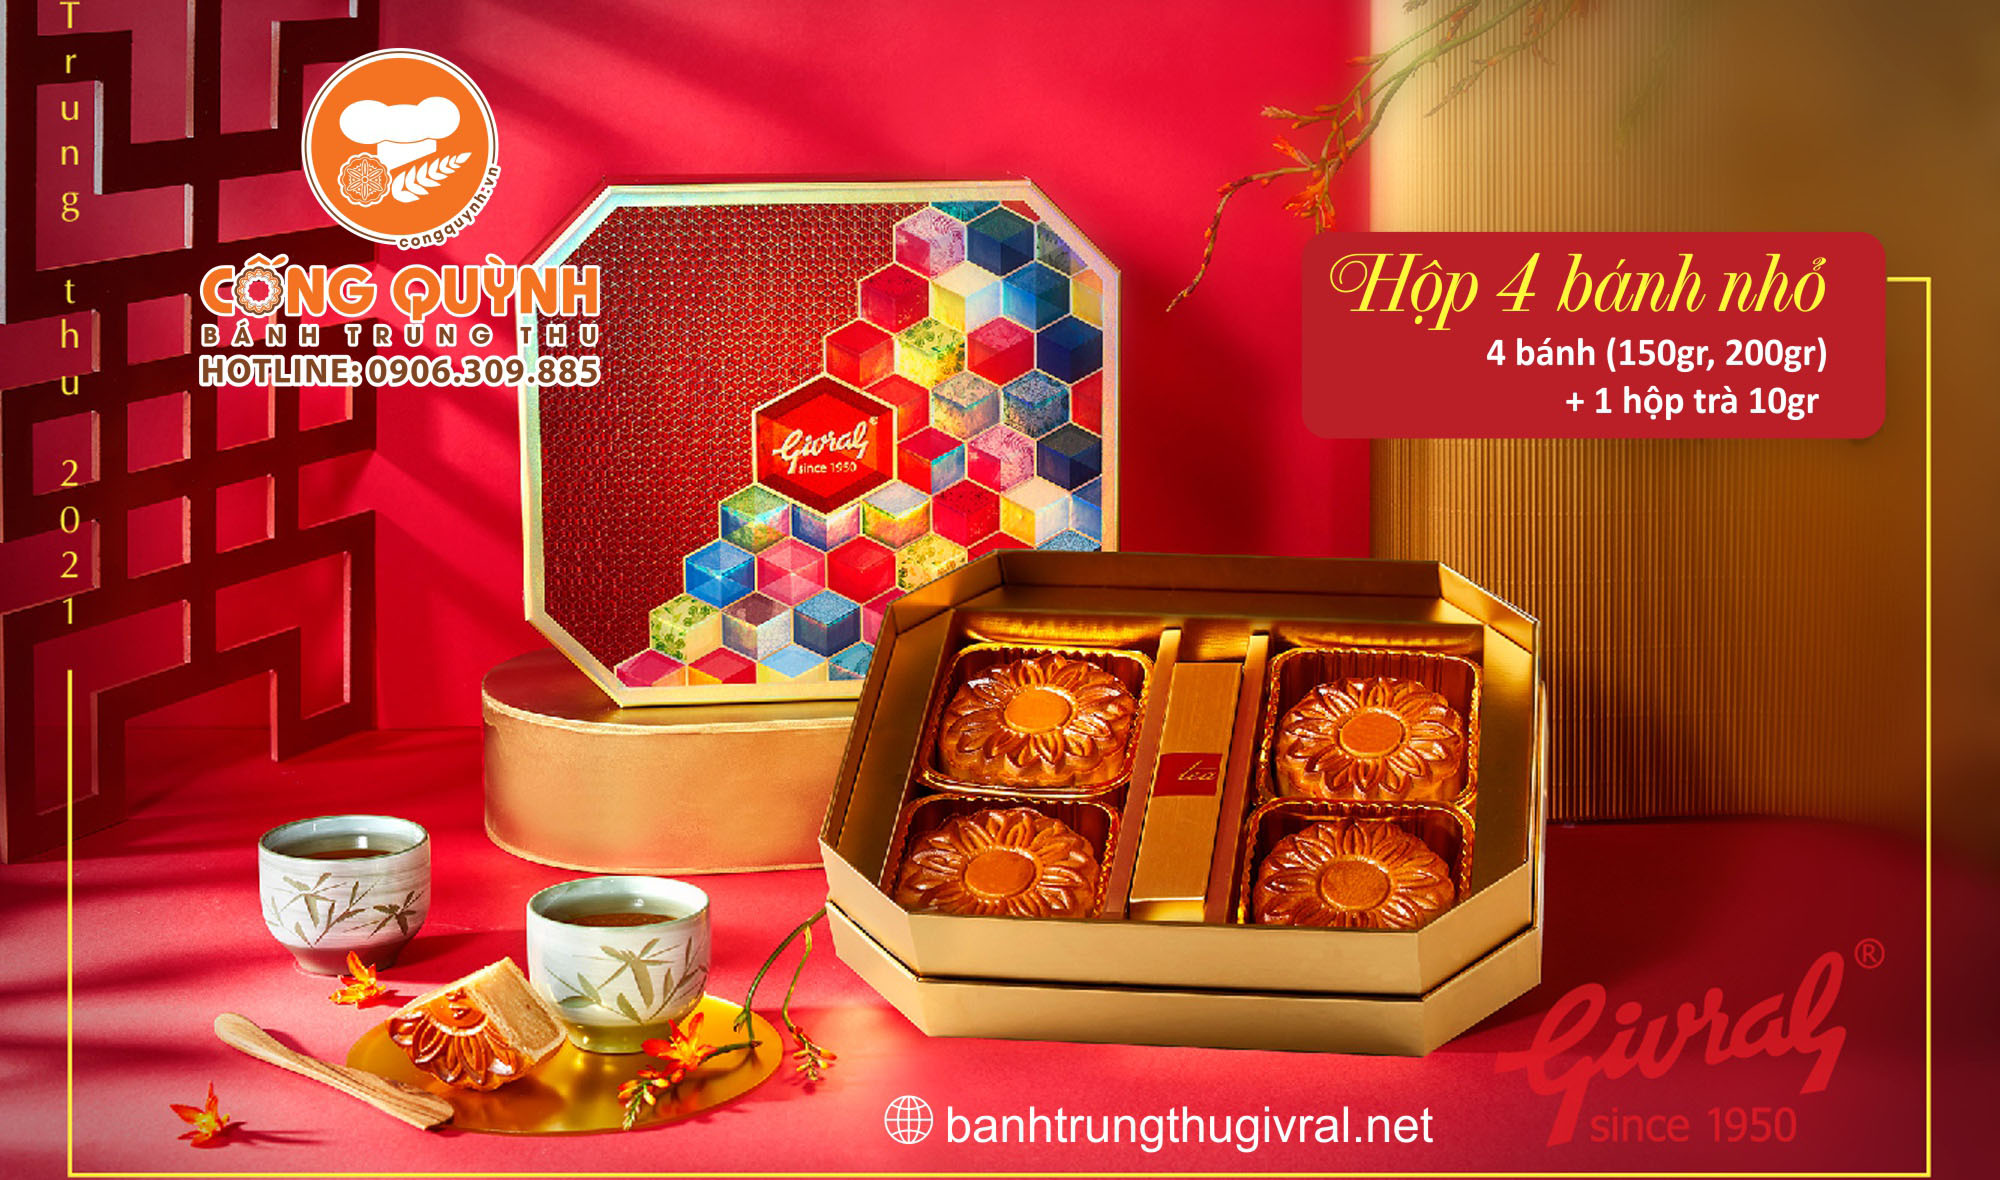 Banh Trung Thu_Givral_2021_4 Banh Nho_Detail